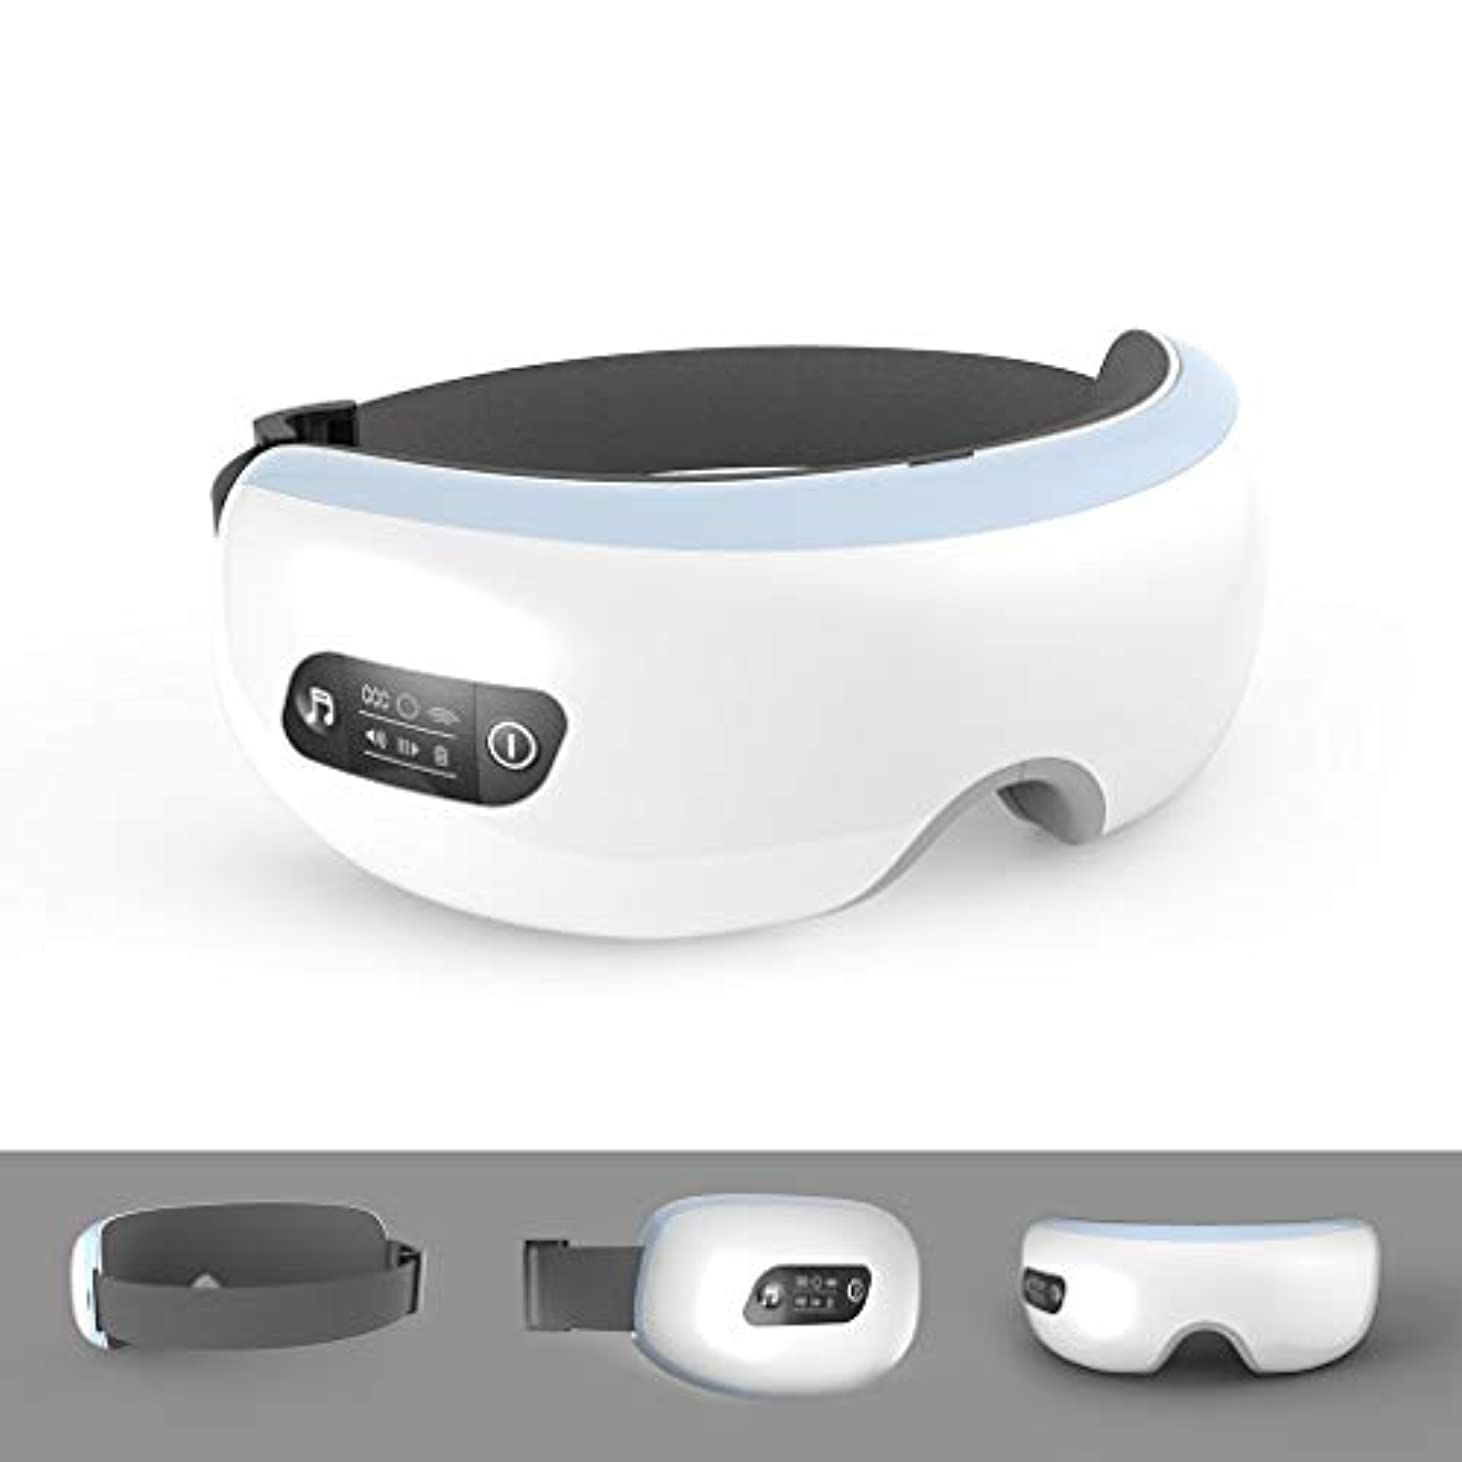 もっと少なくペルセウスアルコールアイマッサージャープレッシャー付アイマッサージャー振動マッサージミュージック赤外線温熱療法ポータブル機能アイバッグを排除、アイ磁気遠赤外線加熱ケア